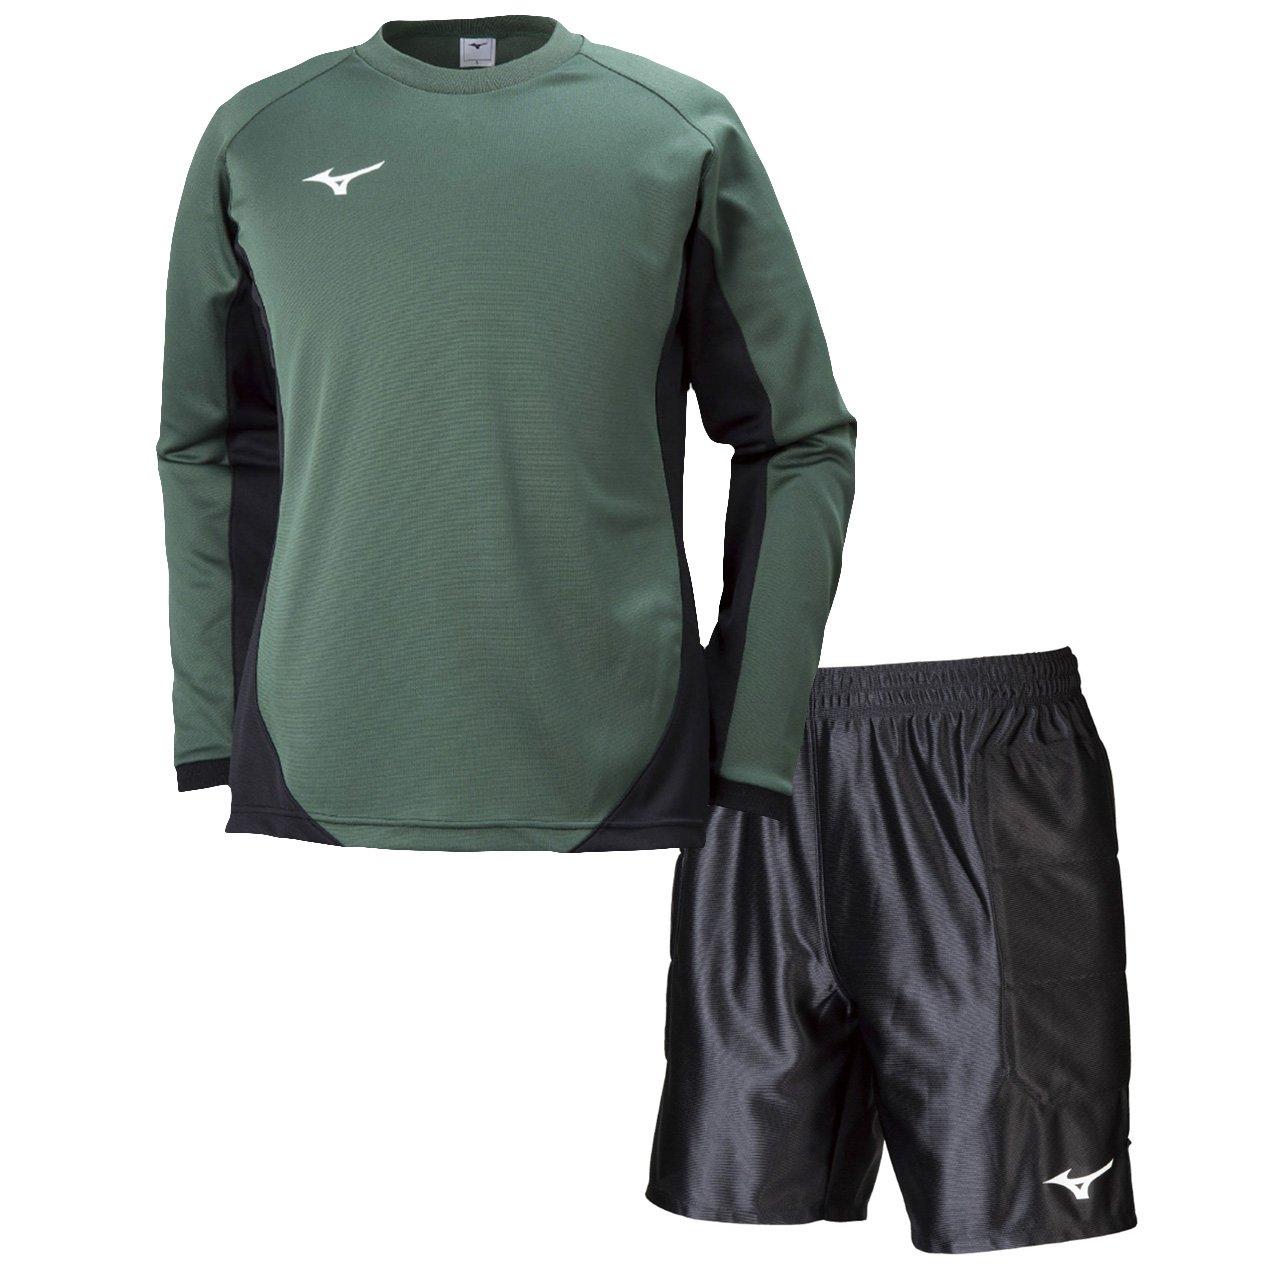 ミズノ(MIZUNO) キーパーシャツ&キーパーパンツ 上下セット(グリーン/ブラック) P2MA8075-33-P2MB8075-09 B079YSVH66 S|グリーン/ブラック グリーン/ブラック S